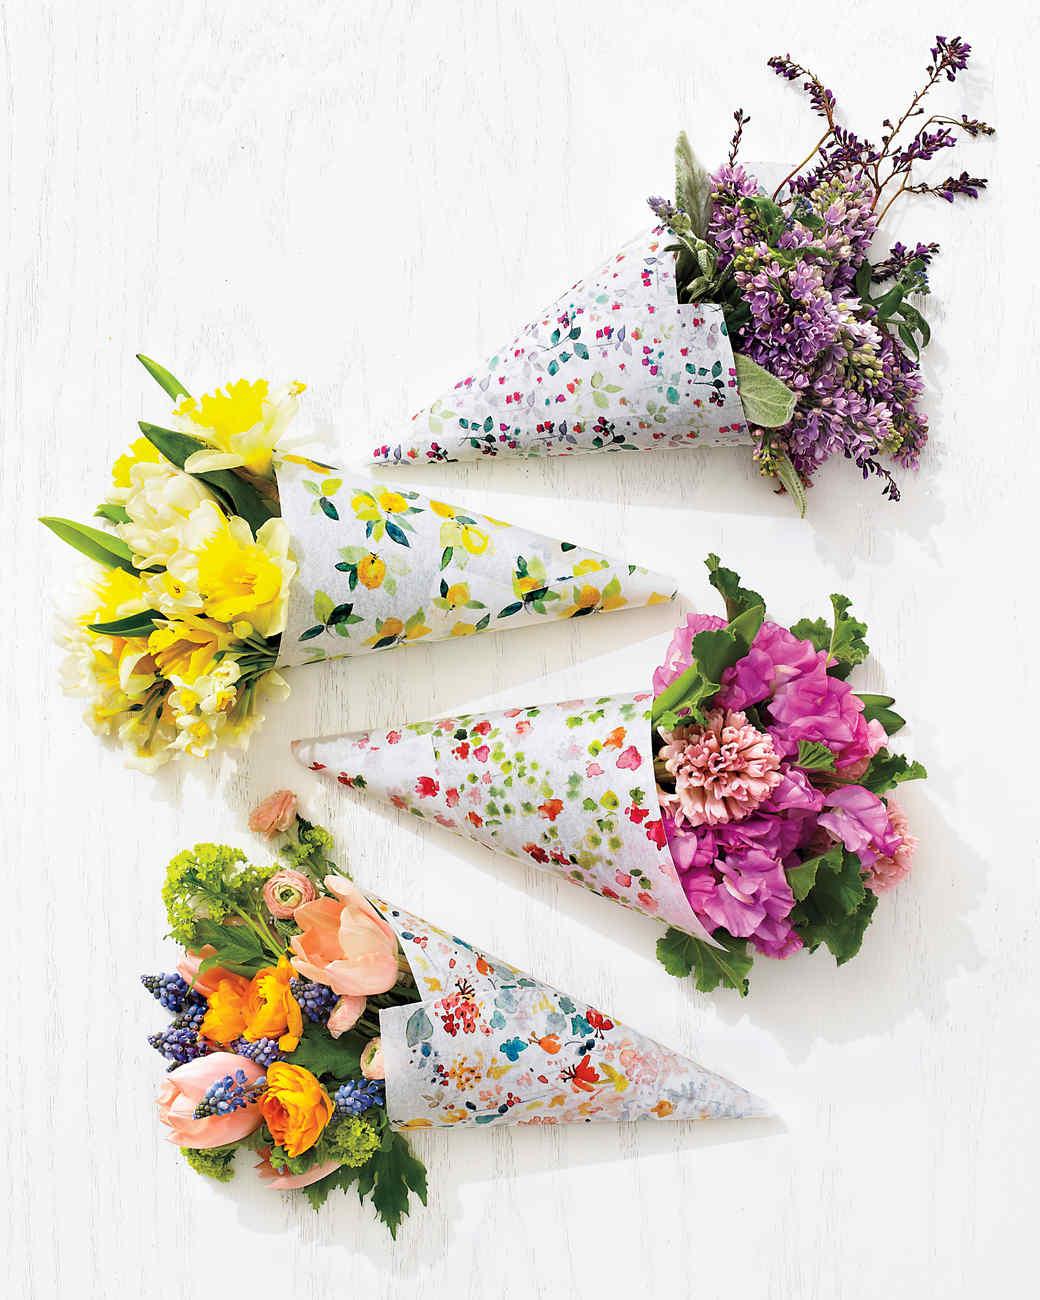 Flower arrangement ideas martha stewart for Martha stewart floral arrangements